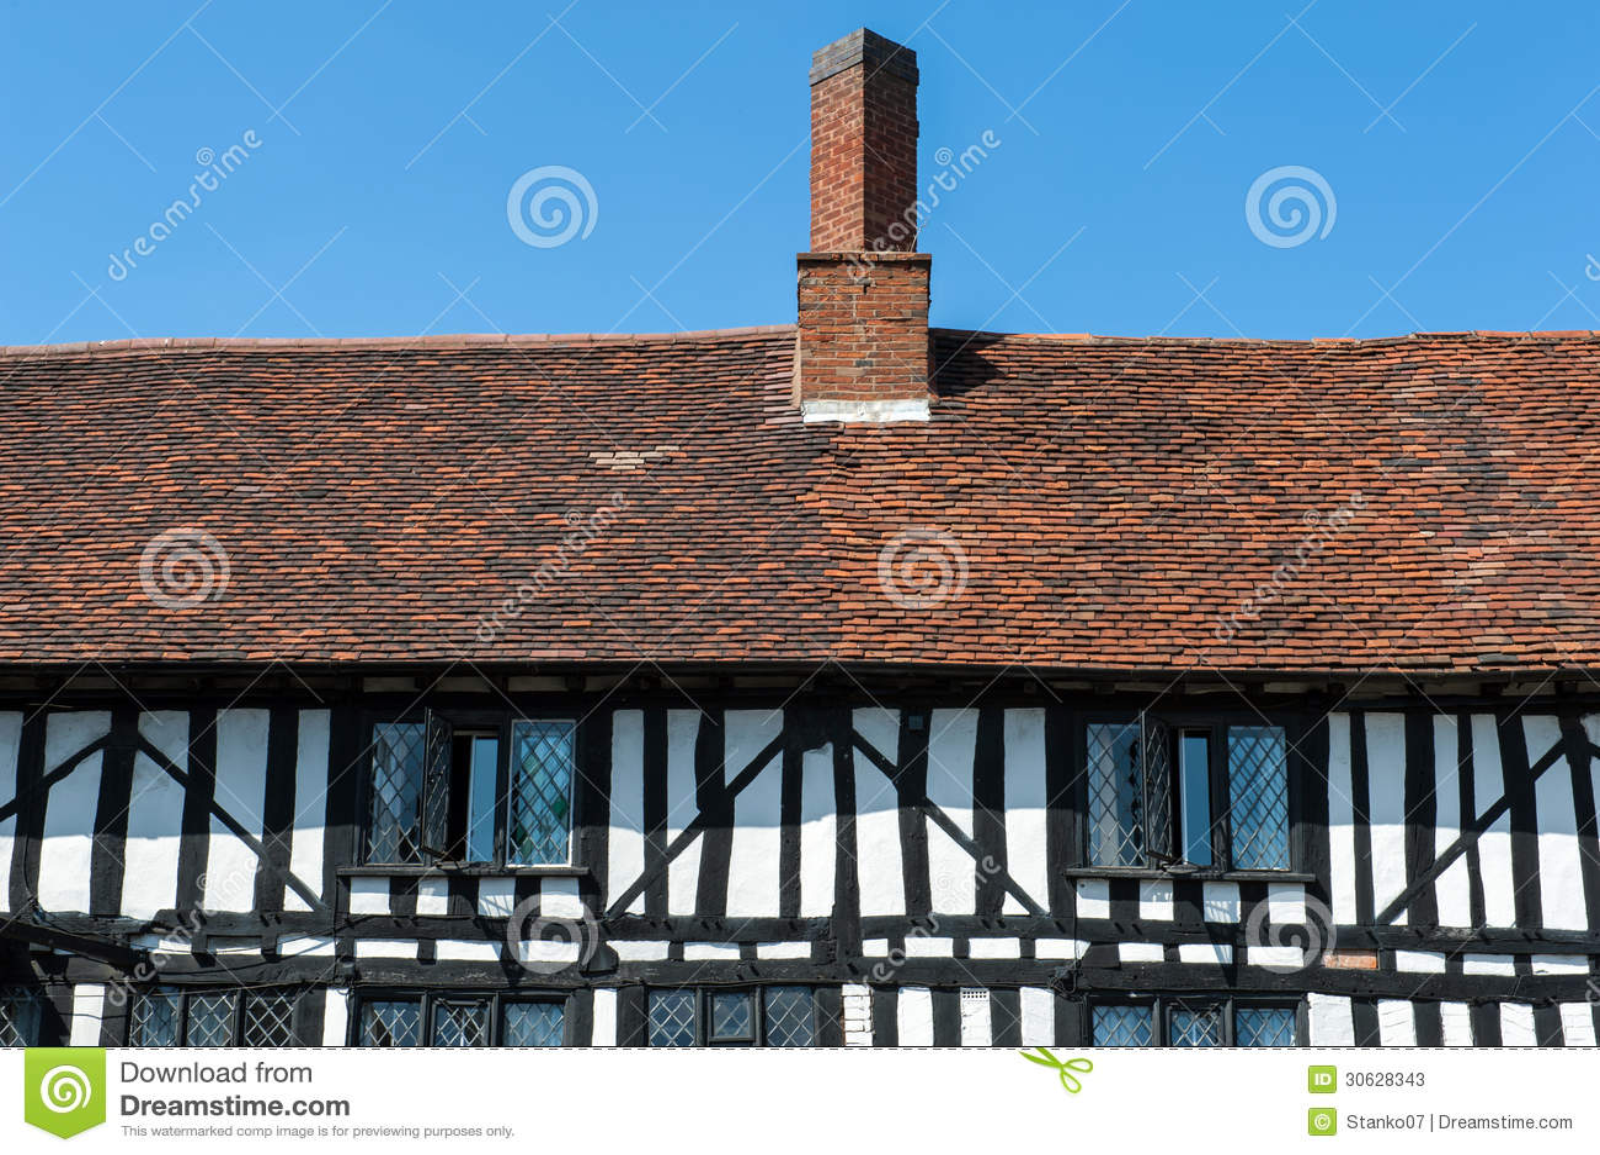 Tudor husdetaljer